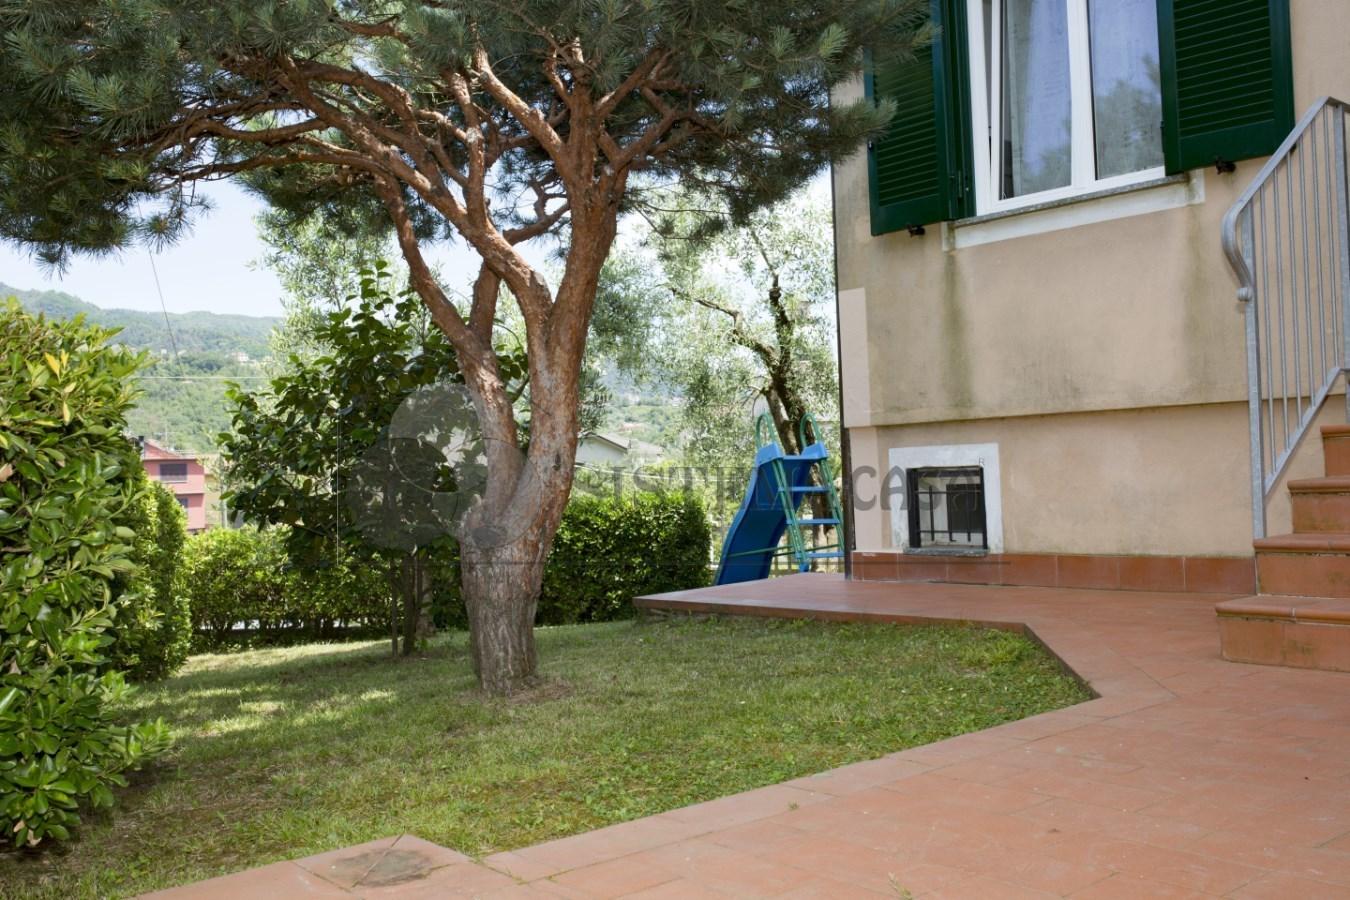 Vendita Semindipendente Villa a schiera a Follo, Piana Battolla (SP) - F231